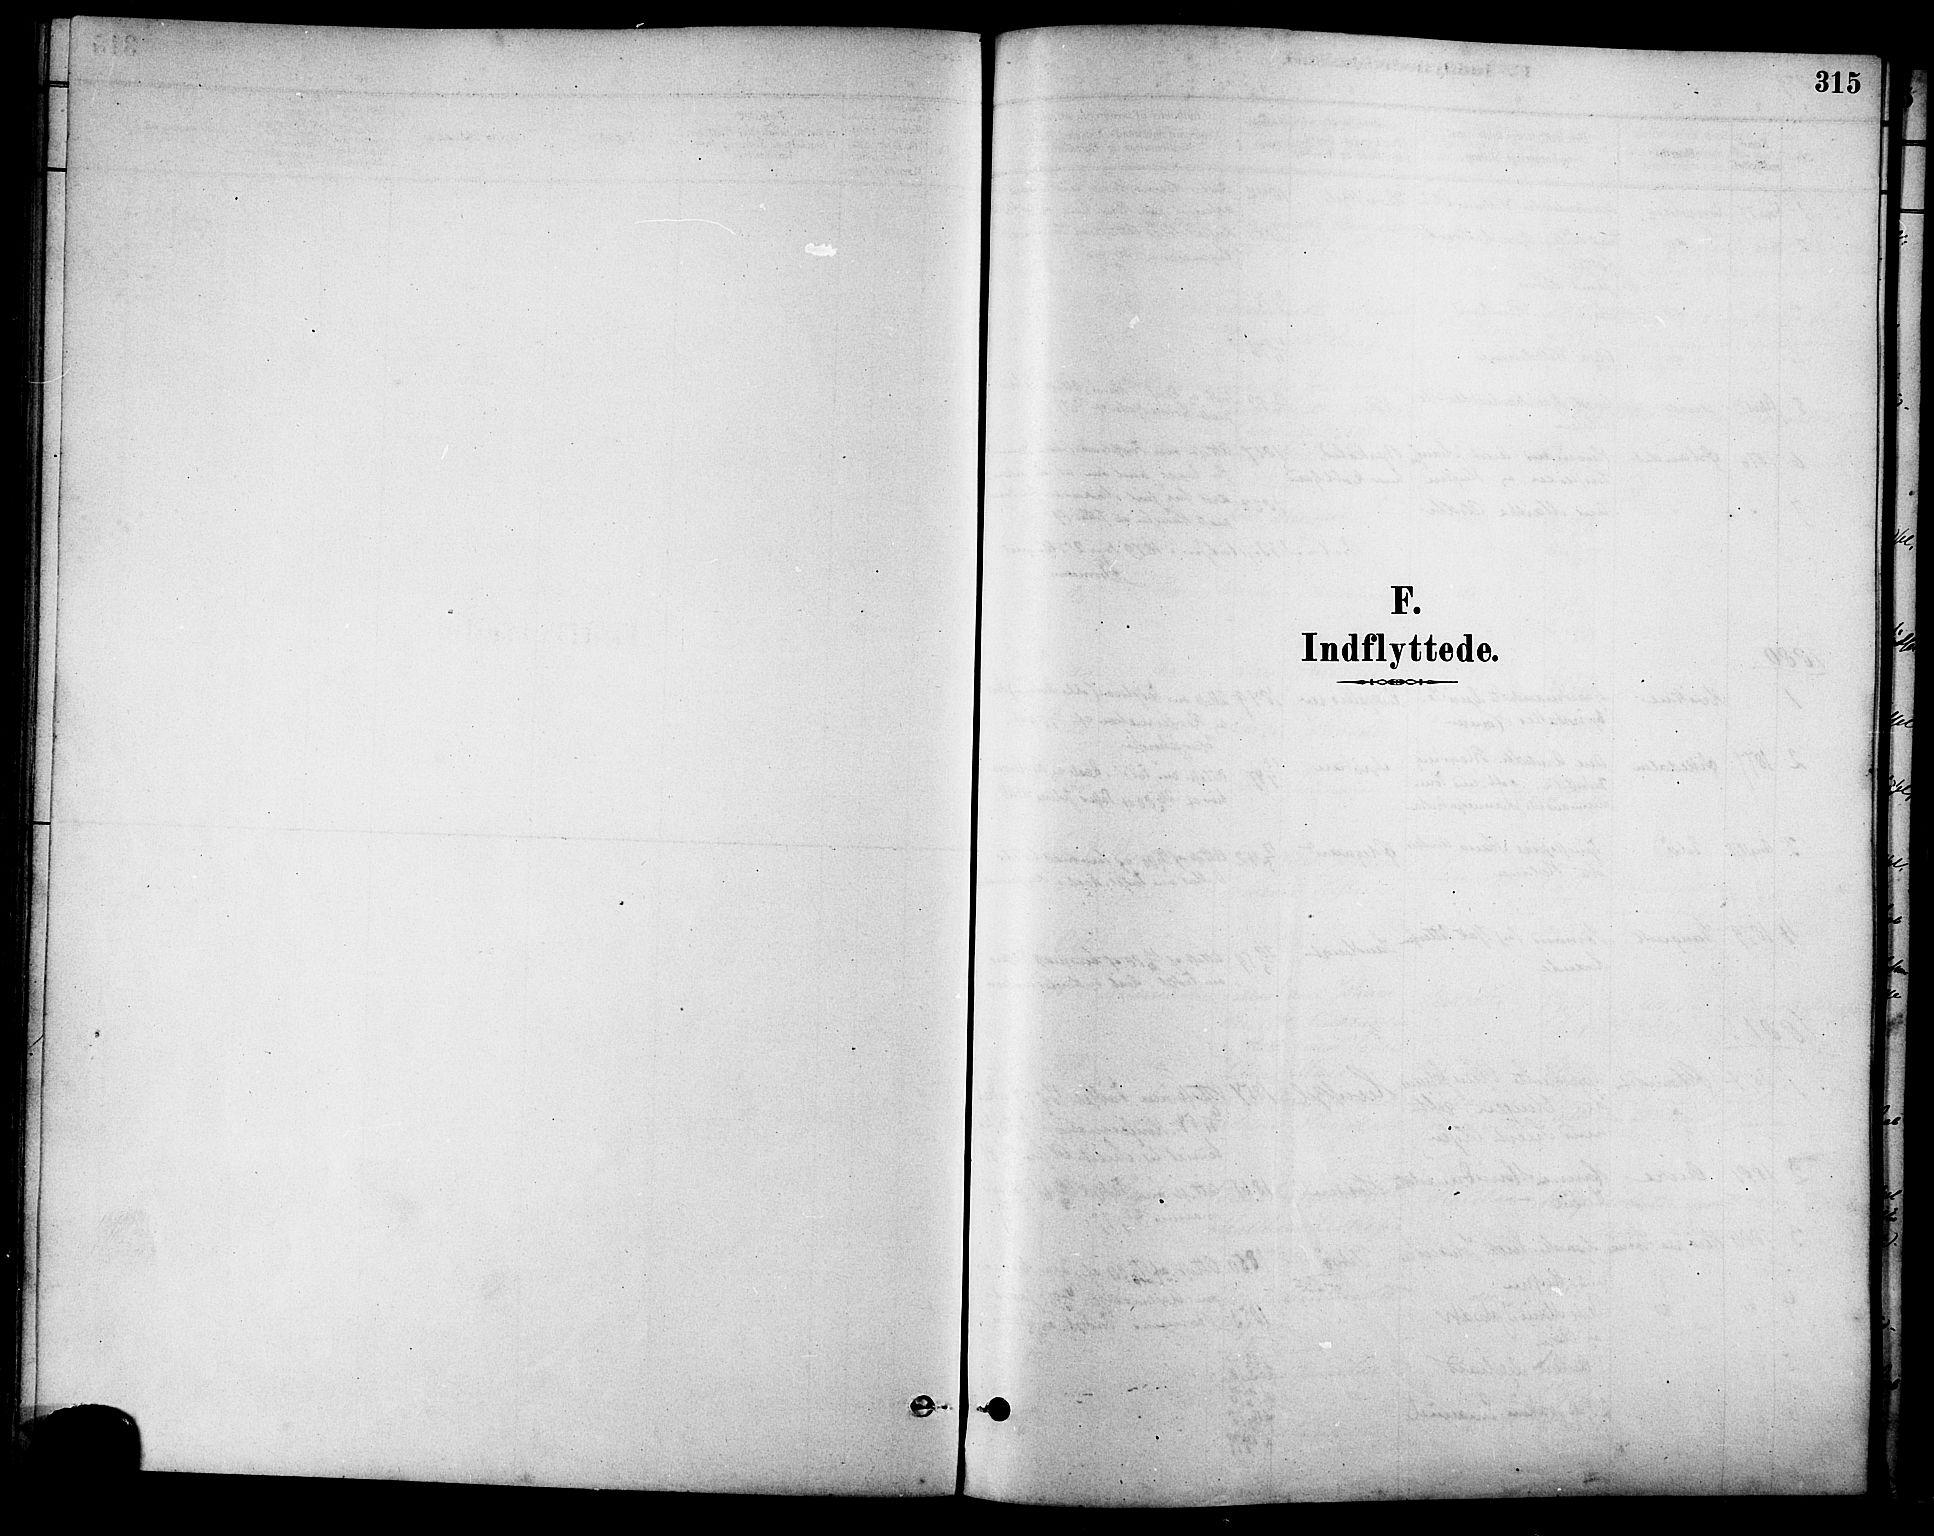 SAT, Ministerialprotokoller, klokkerbøker og fødselsregistre - Sør-Trøndelag, 630/L0496: Ministerialbok nr. 630A09, 1879-1895, s. 315